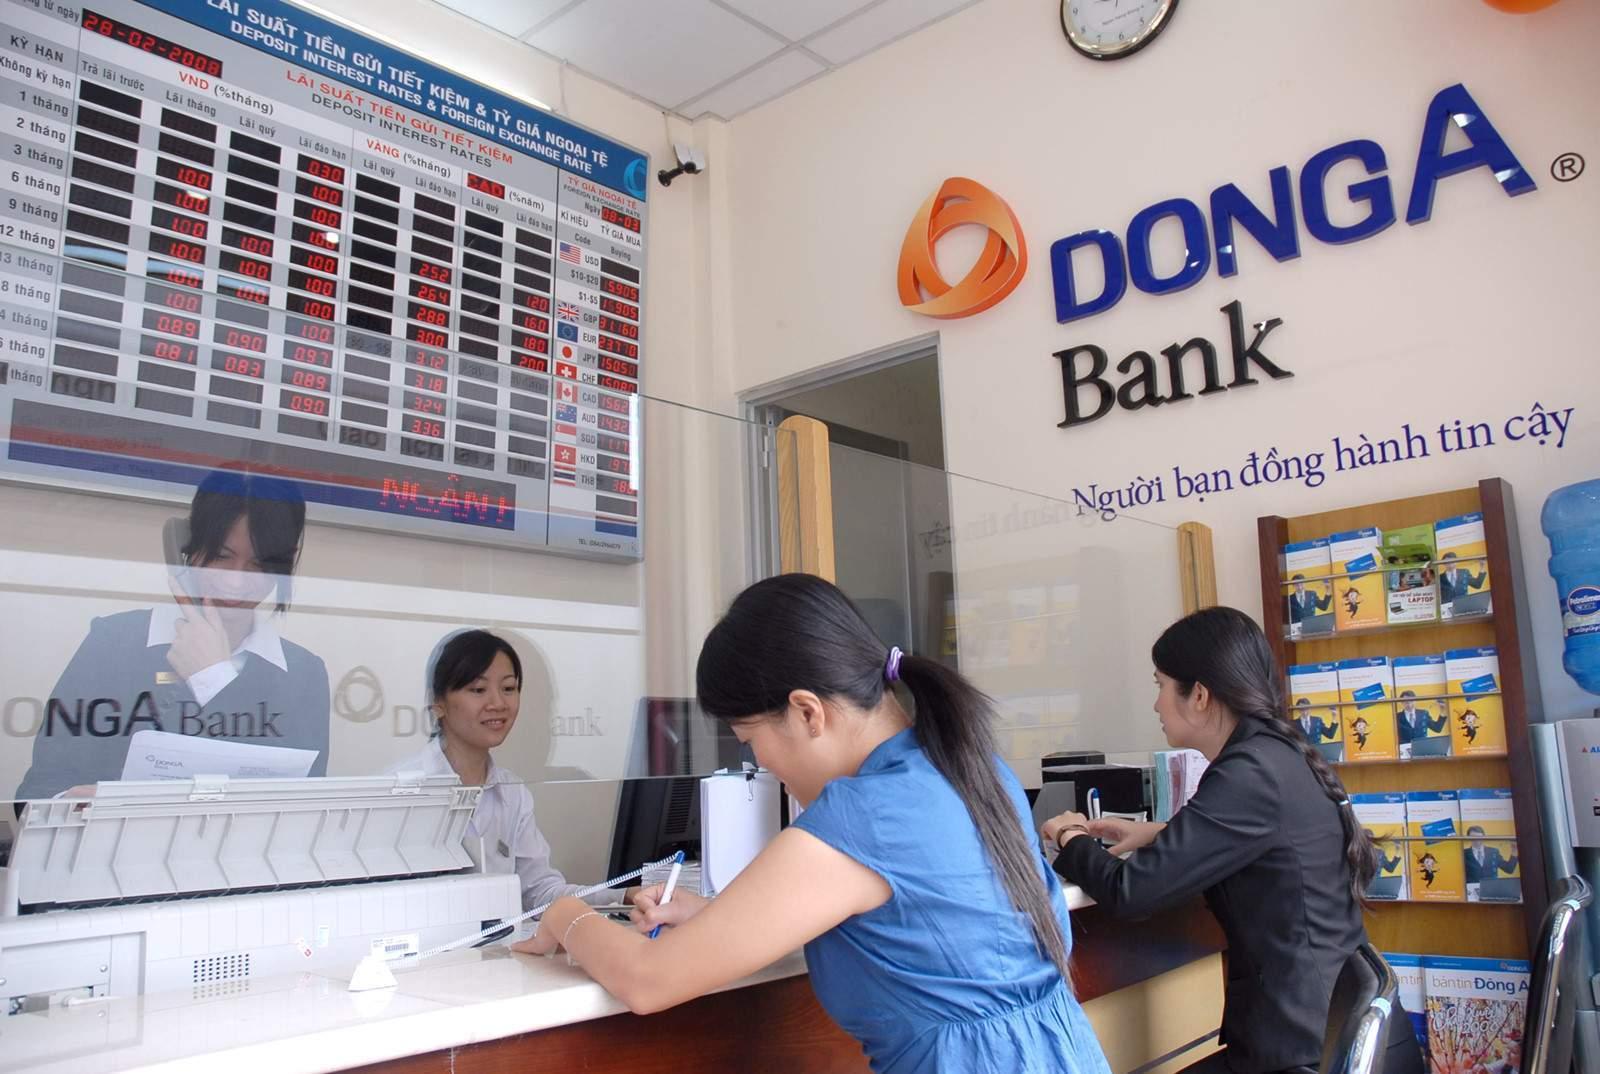 Cách lấy lại số tài khoản Đông Á